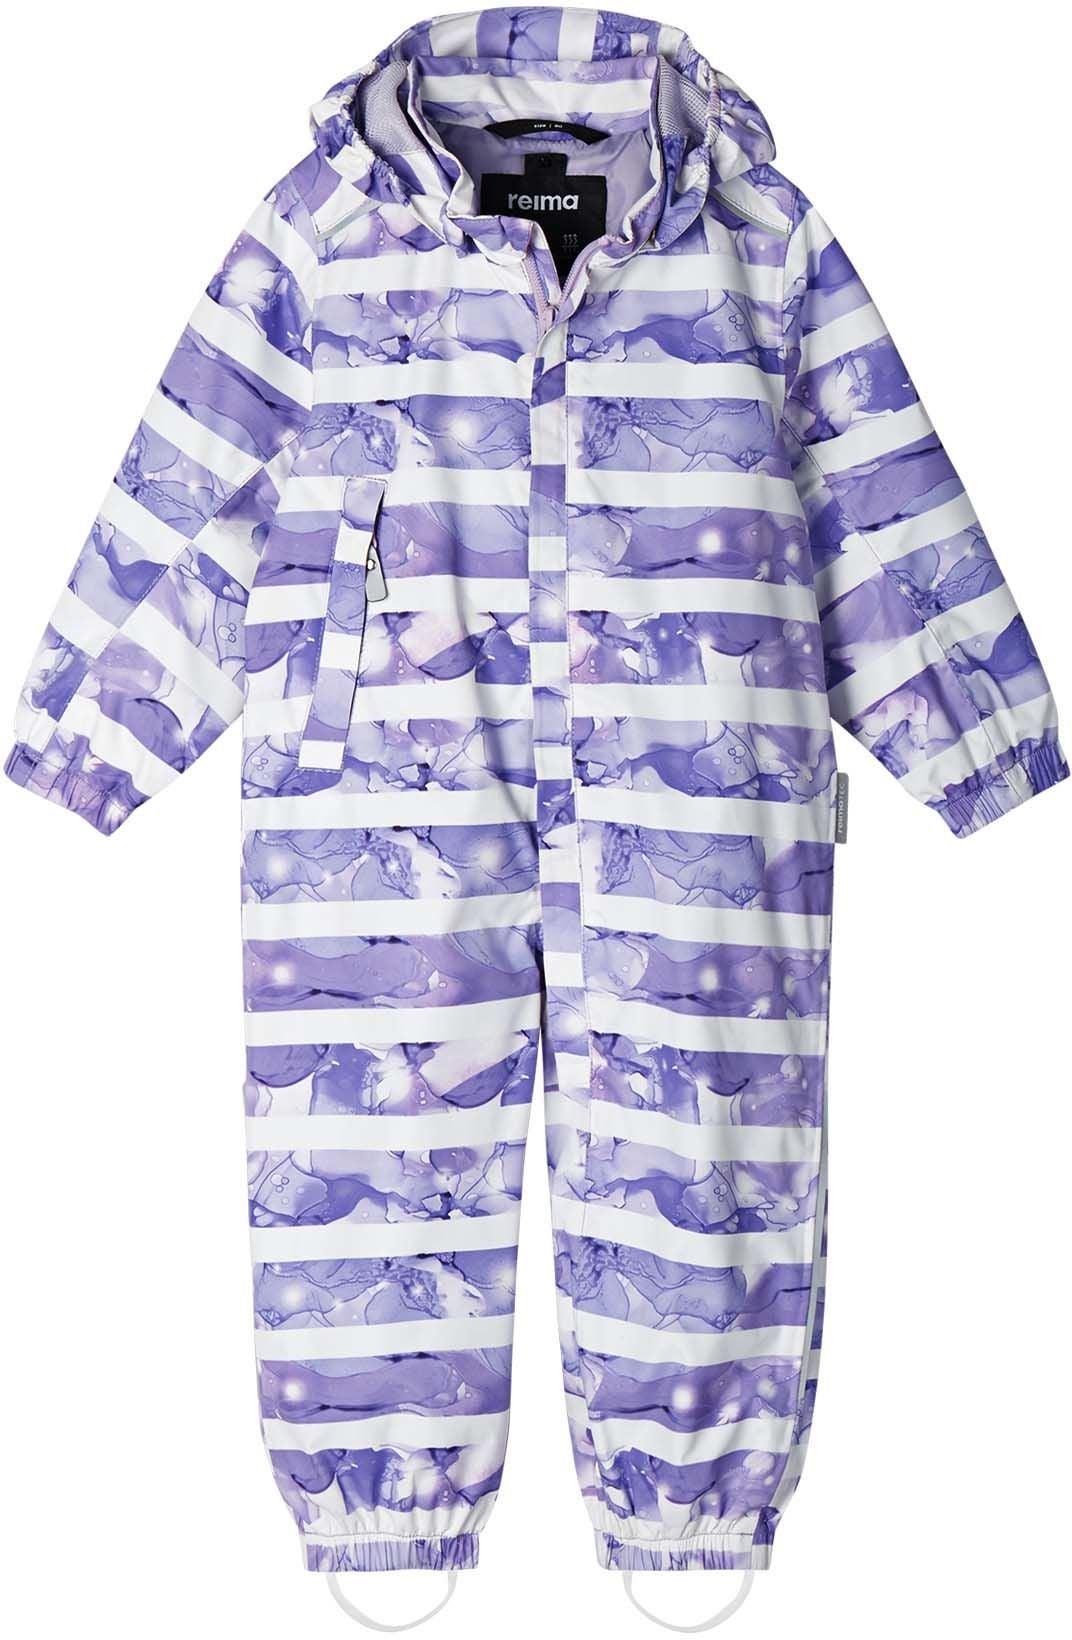 Reimatec Hopom Overall, Light Violet, 86